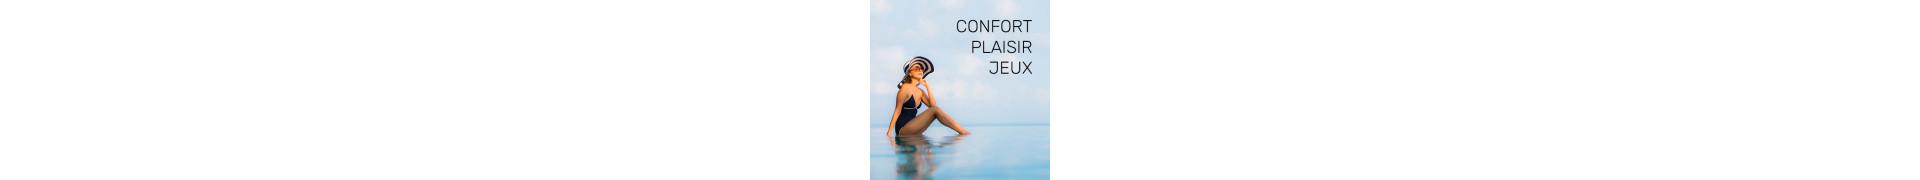 Confort - Plaisir - Jeux - TRITON PISCINES